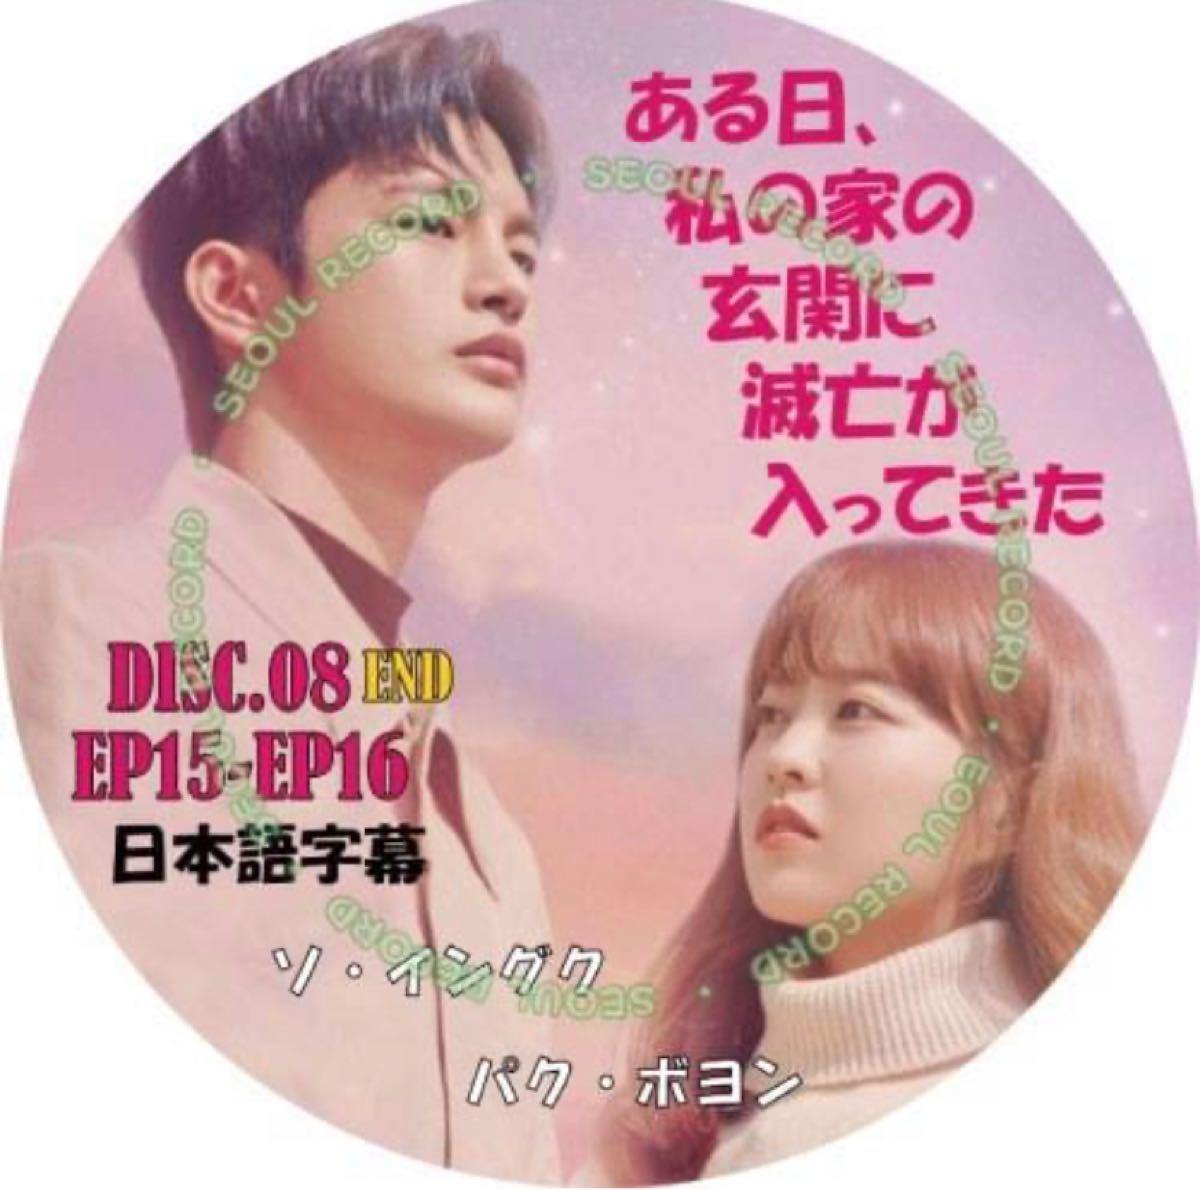 ソイングク 最終回 ディスク8ある日、私の家の玄に滅亡が入ってきた  日本語字幕 EP15+16DVDレーベル印刷付